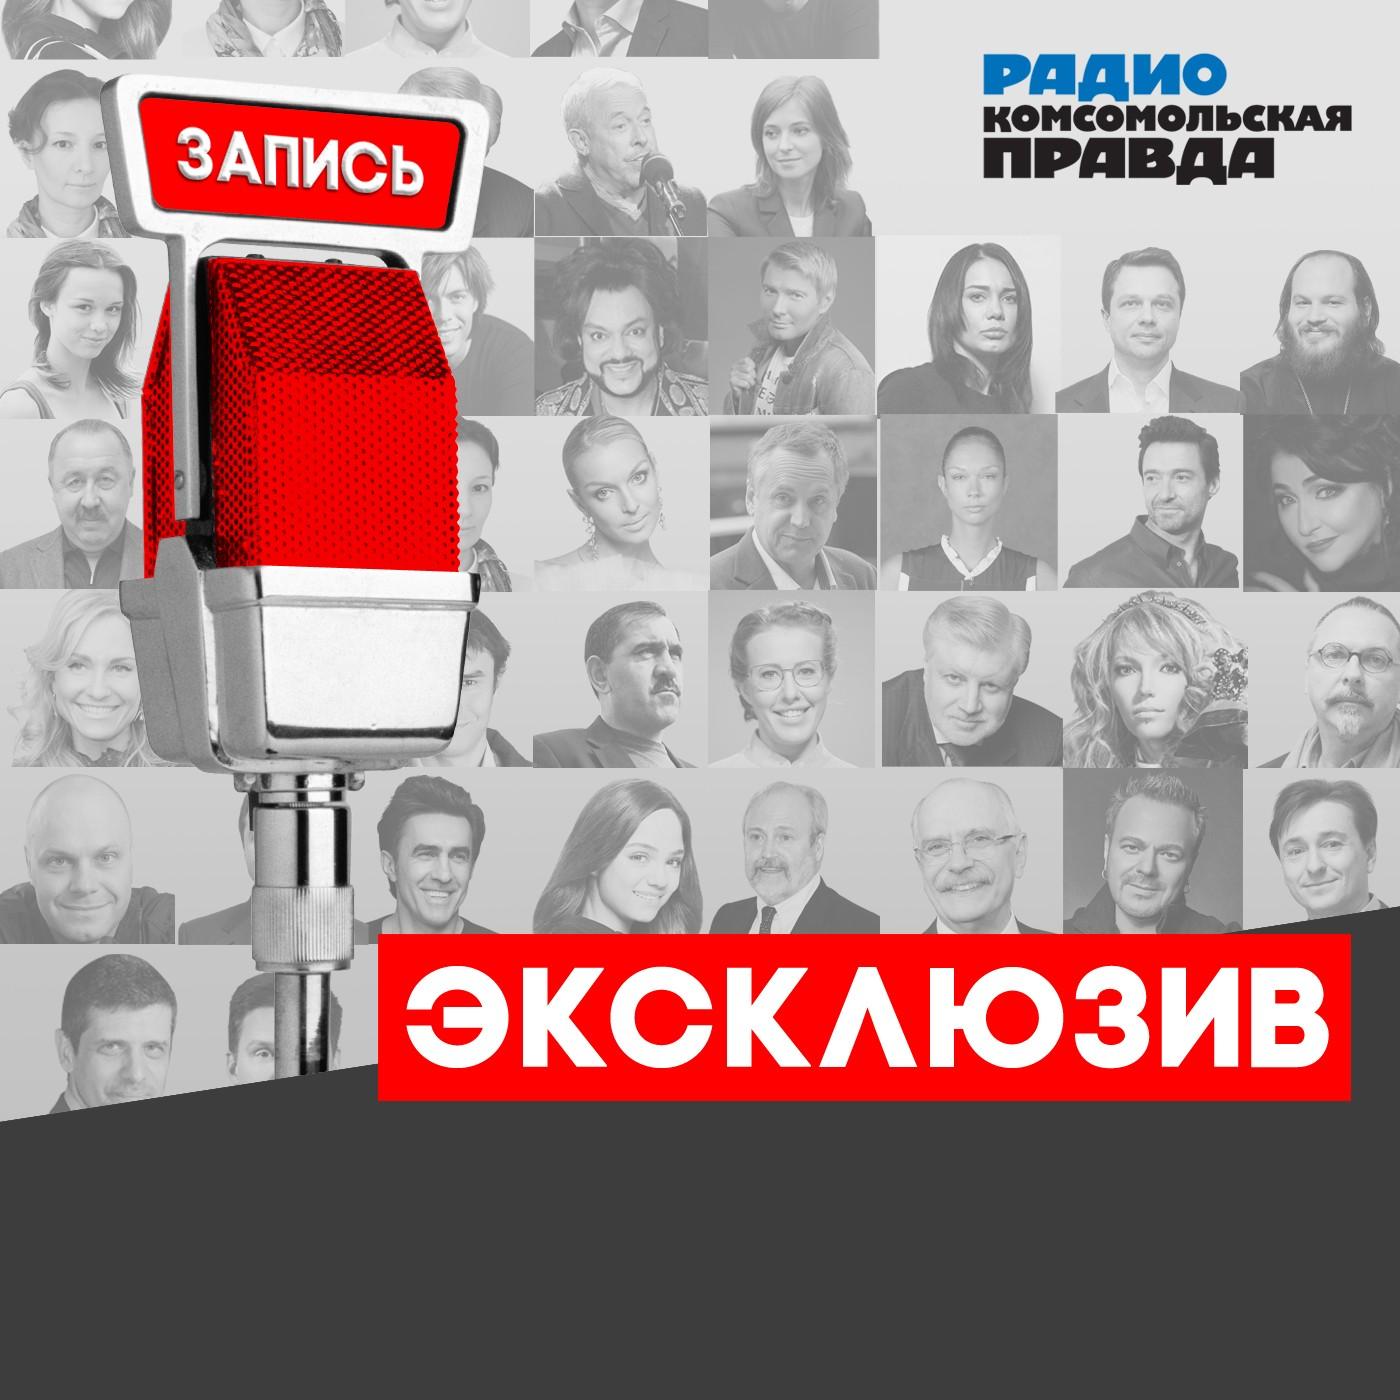 Радио «Комсомольская правда» Писатель и комиссар батальона ДНР Захар Прилепин: Я вернулся с Донбасса, а не «сбежал». И воинский билет не сдал прилепин захар непохожие поэты